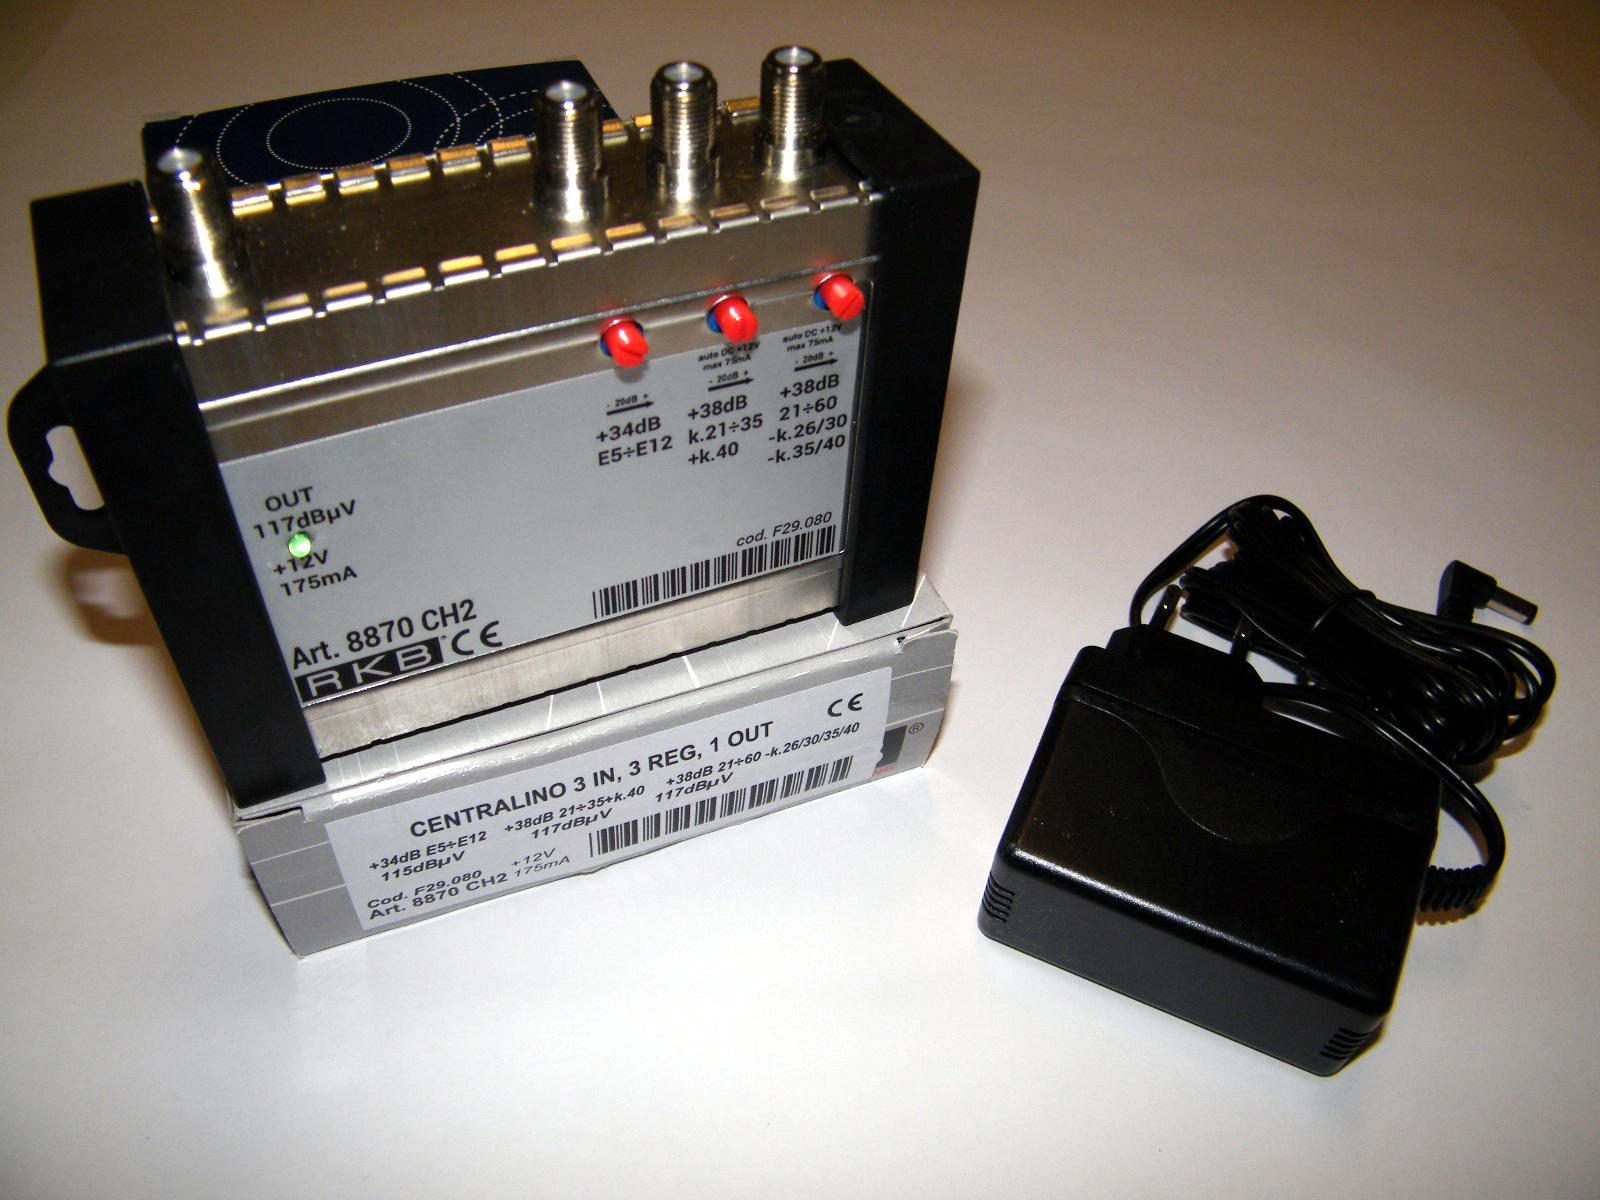 Centralino x 4 Mux Rai 26,30,35,40 38dB VHF/IV+40/UHF-K 117dBuV 175mA 8870CH2